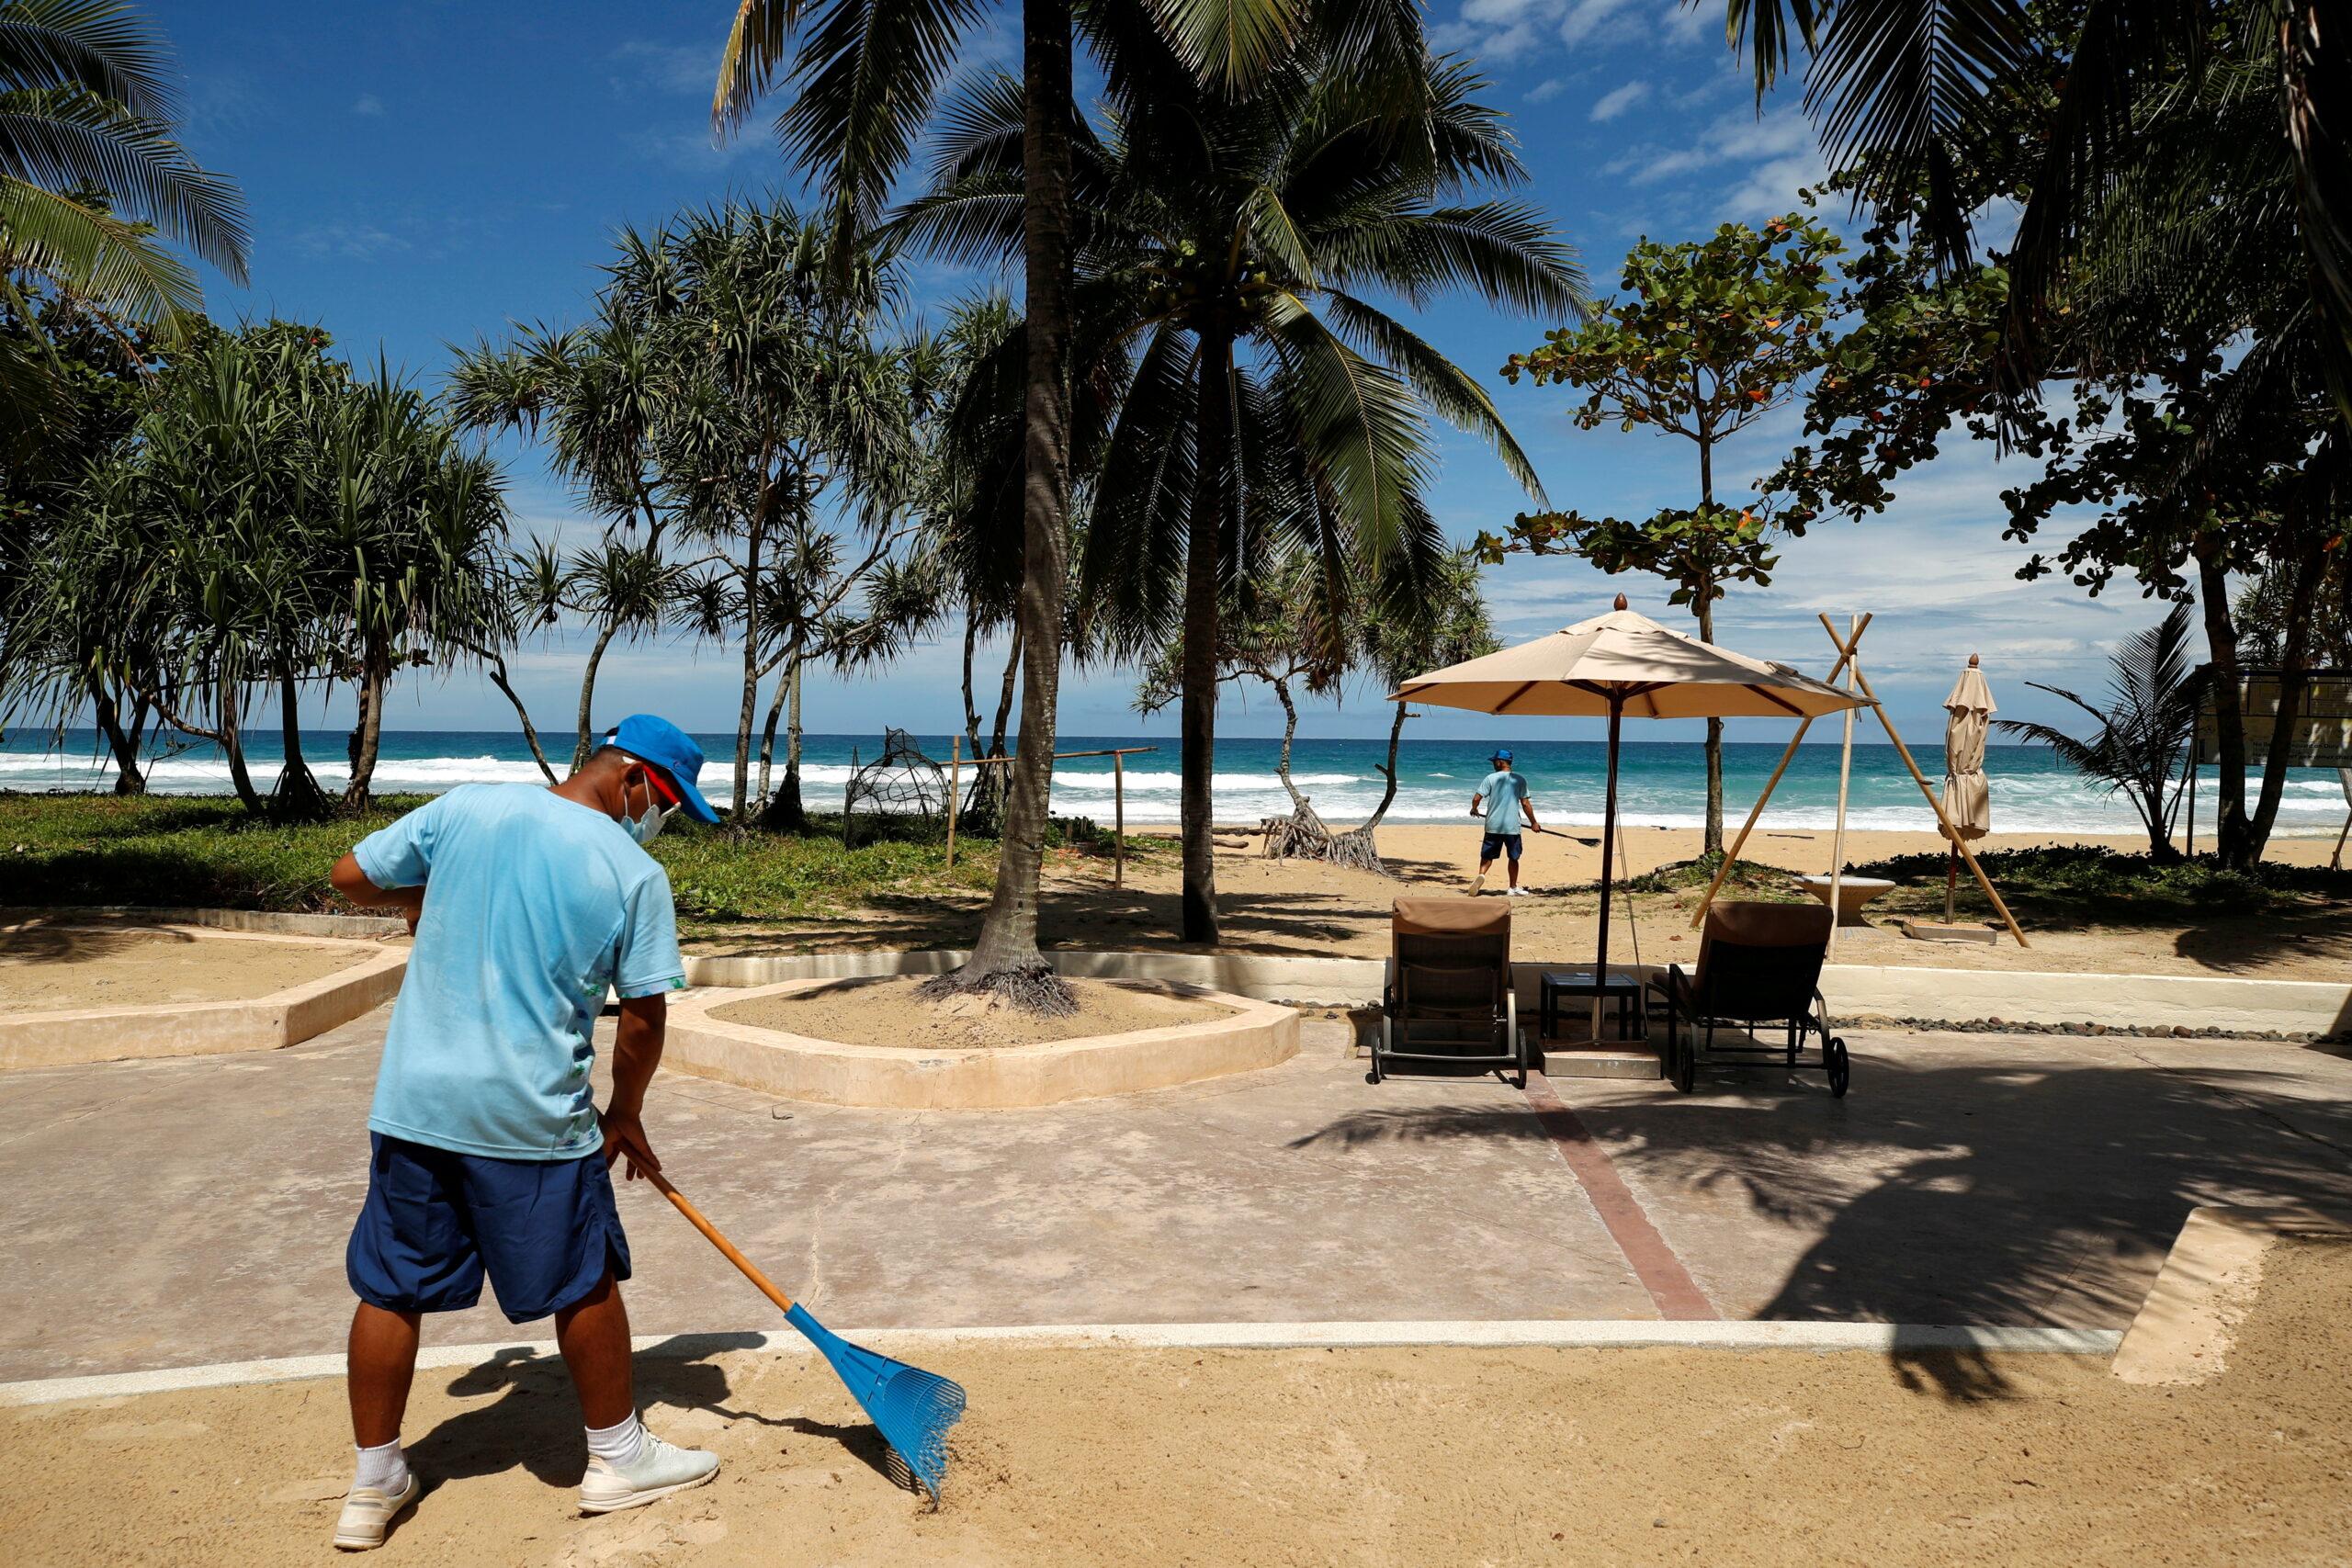 ภูเก็ต แซนด์บอกซ์ (Phuket Sandbox) ดีเดย์ 1 ก.ค. 64 รวมเรื่องต้องรู้ – ท่องเที่ยว